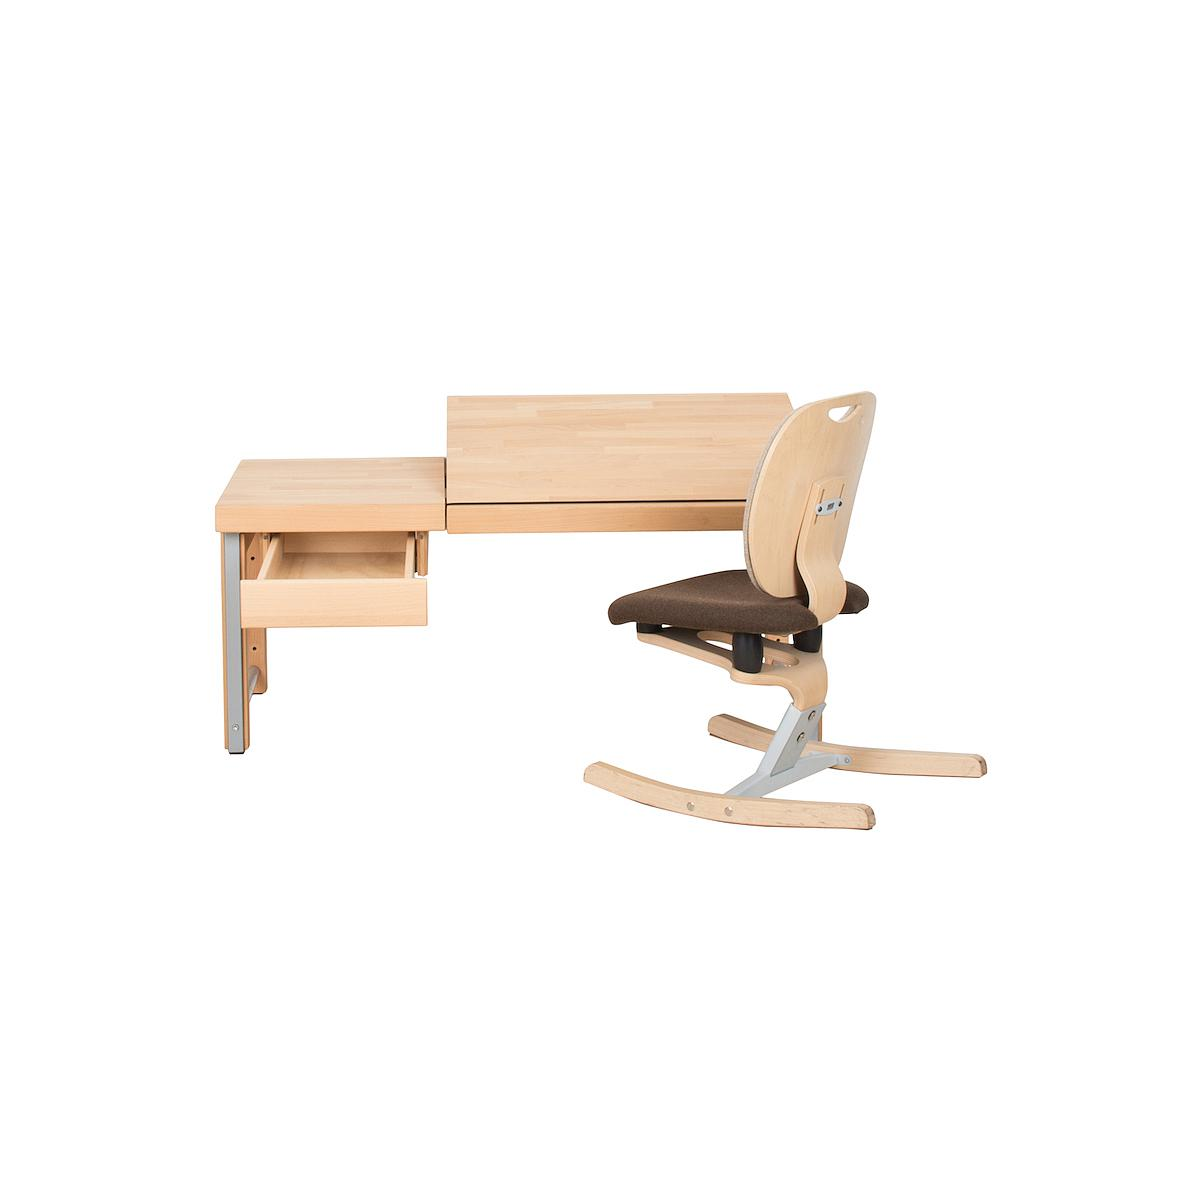 Schreibtischschublade auf Holzleisten ZIGGY DETAIL Debreuyn Buche massiv natur geölt